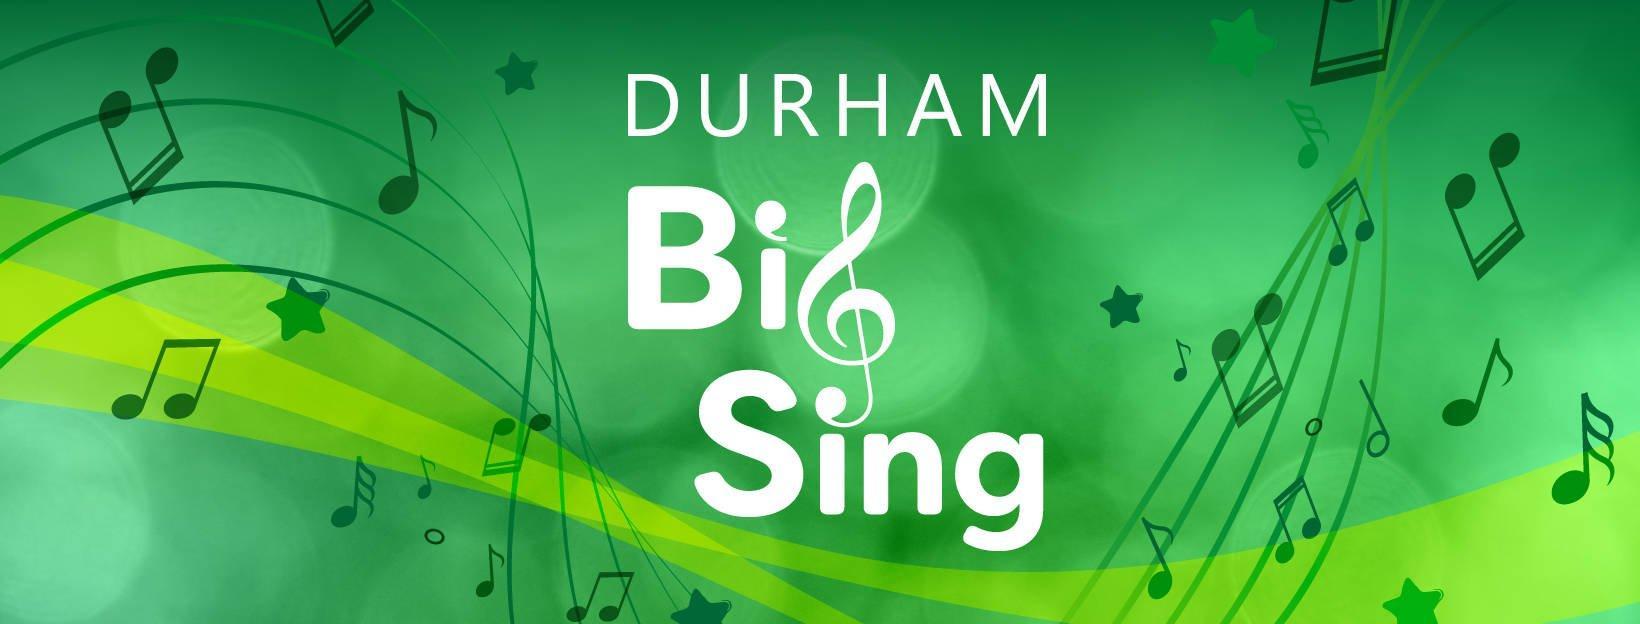 Durham Big Sing 2019 logo, The Singing Elf